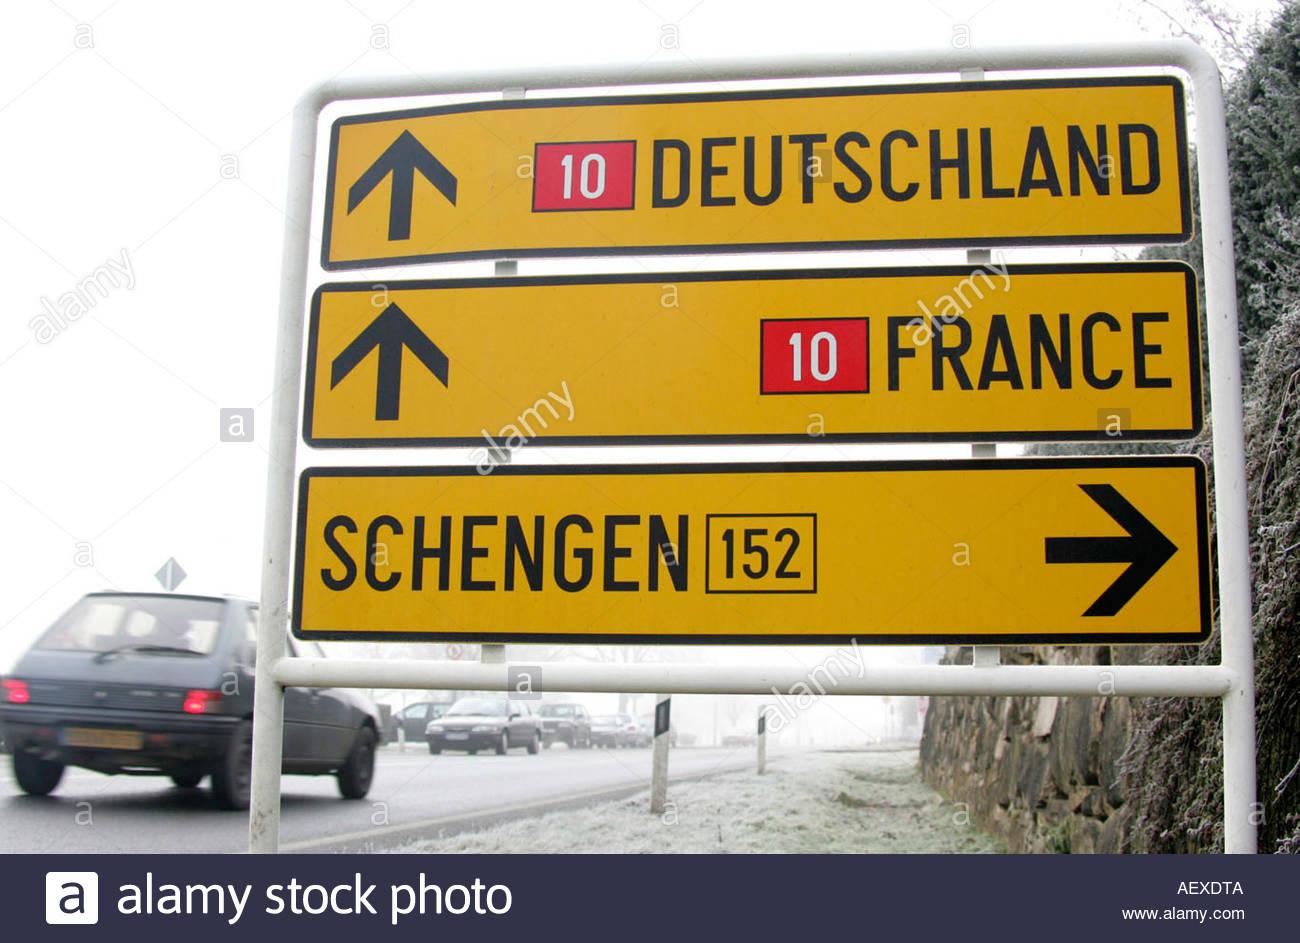 Schilder Deutschland France Schengen Stock Photo